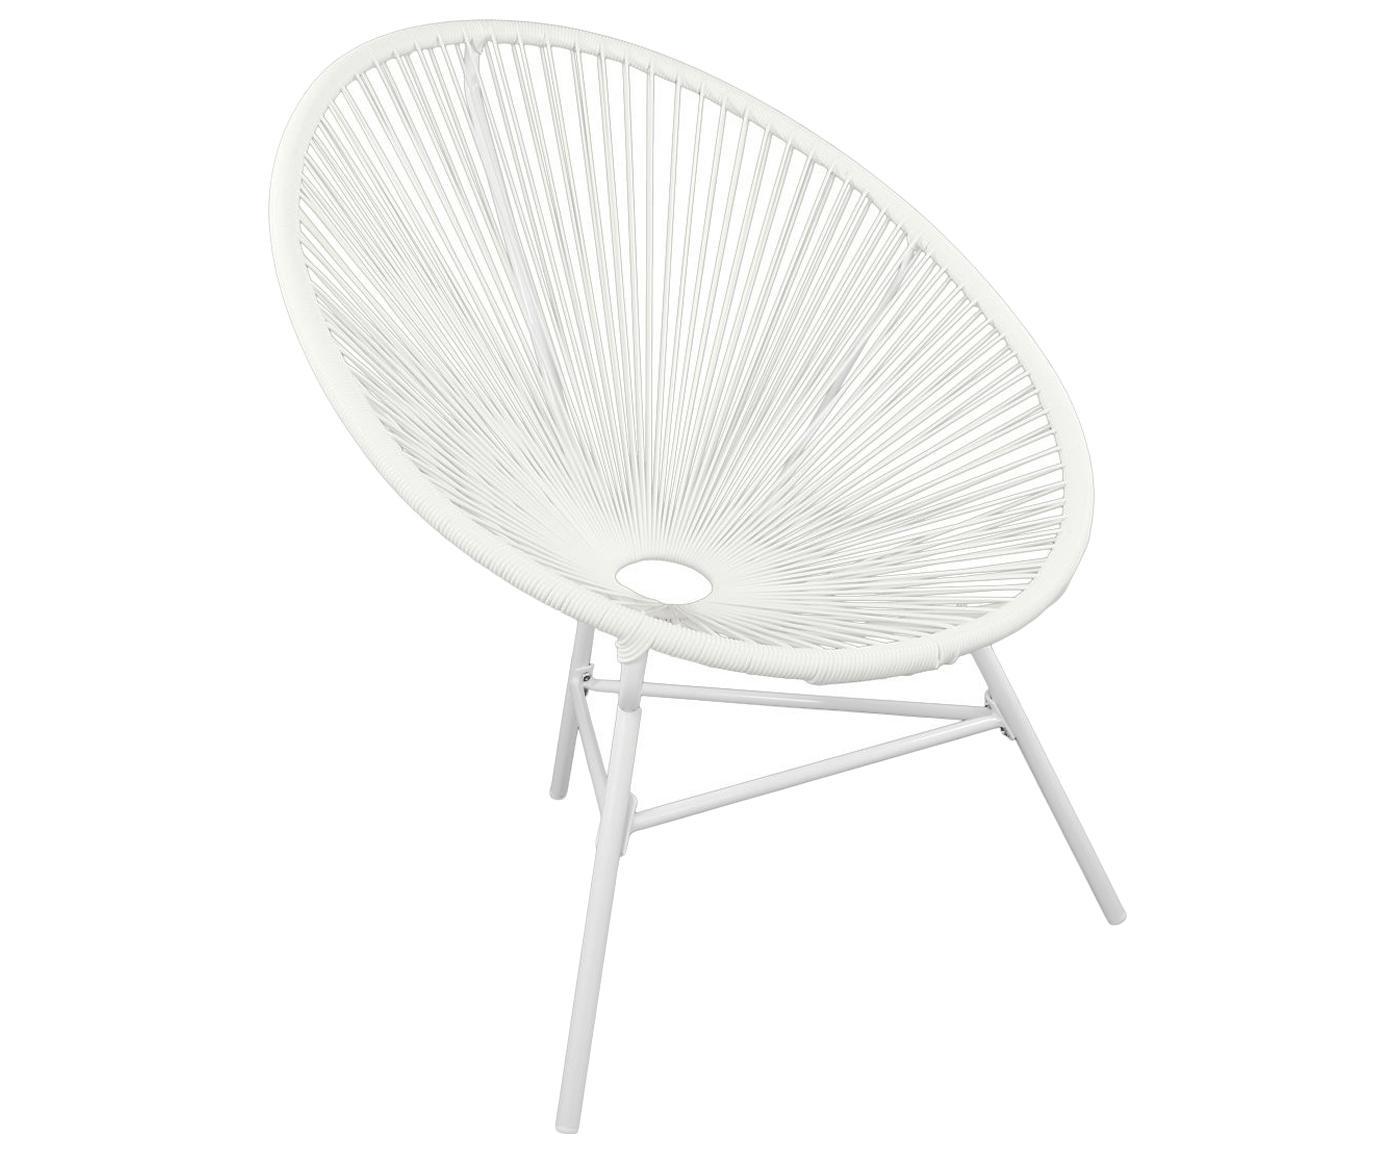 Retro fauteuil Bahia, Frame: Metaal, Zitvlak: Polyethyleen-vlechtwerk, Vlechtwerk: Wit. Frame: Wit poedercoating, 81 x 88 cm